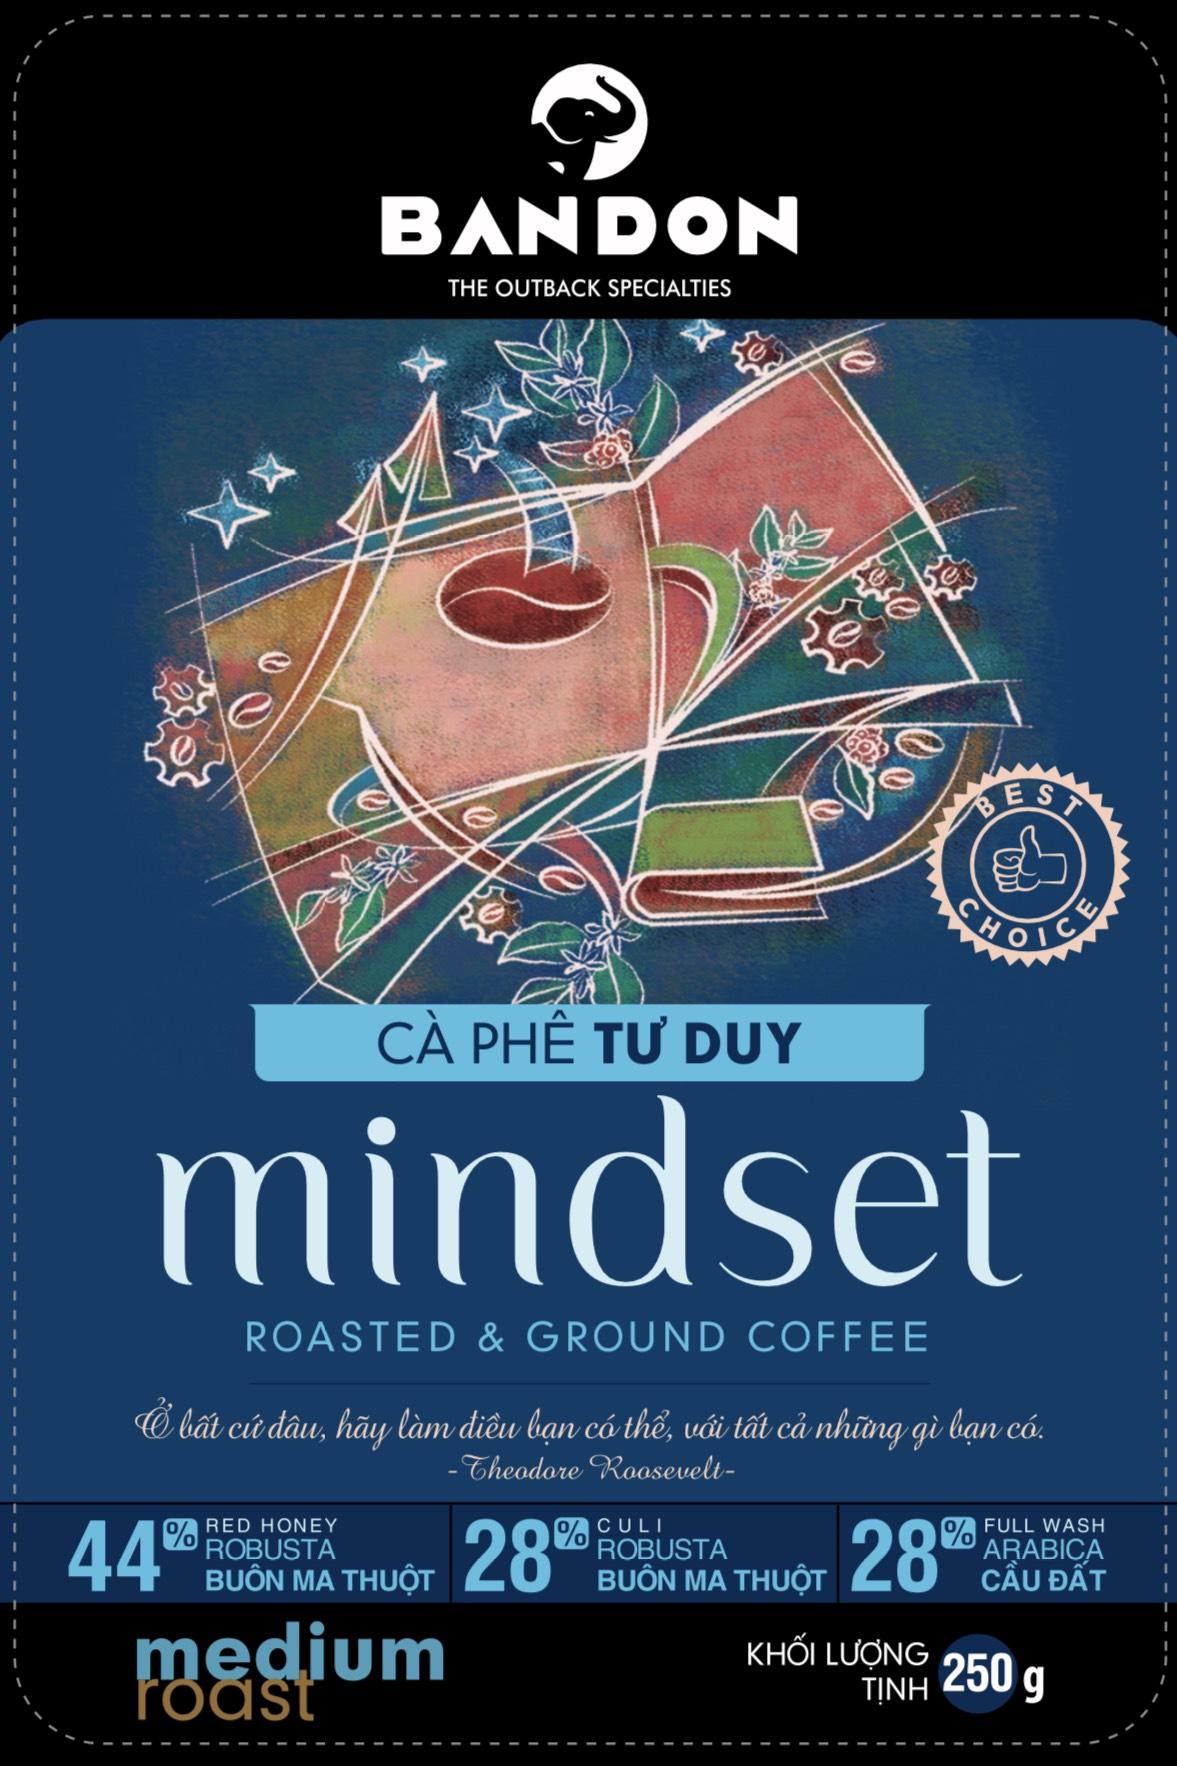 Cà phê phin Bandon Mindset 250g - cà phê Tư duy